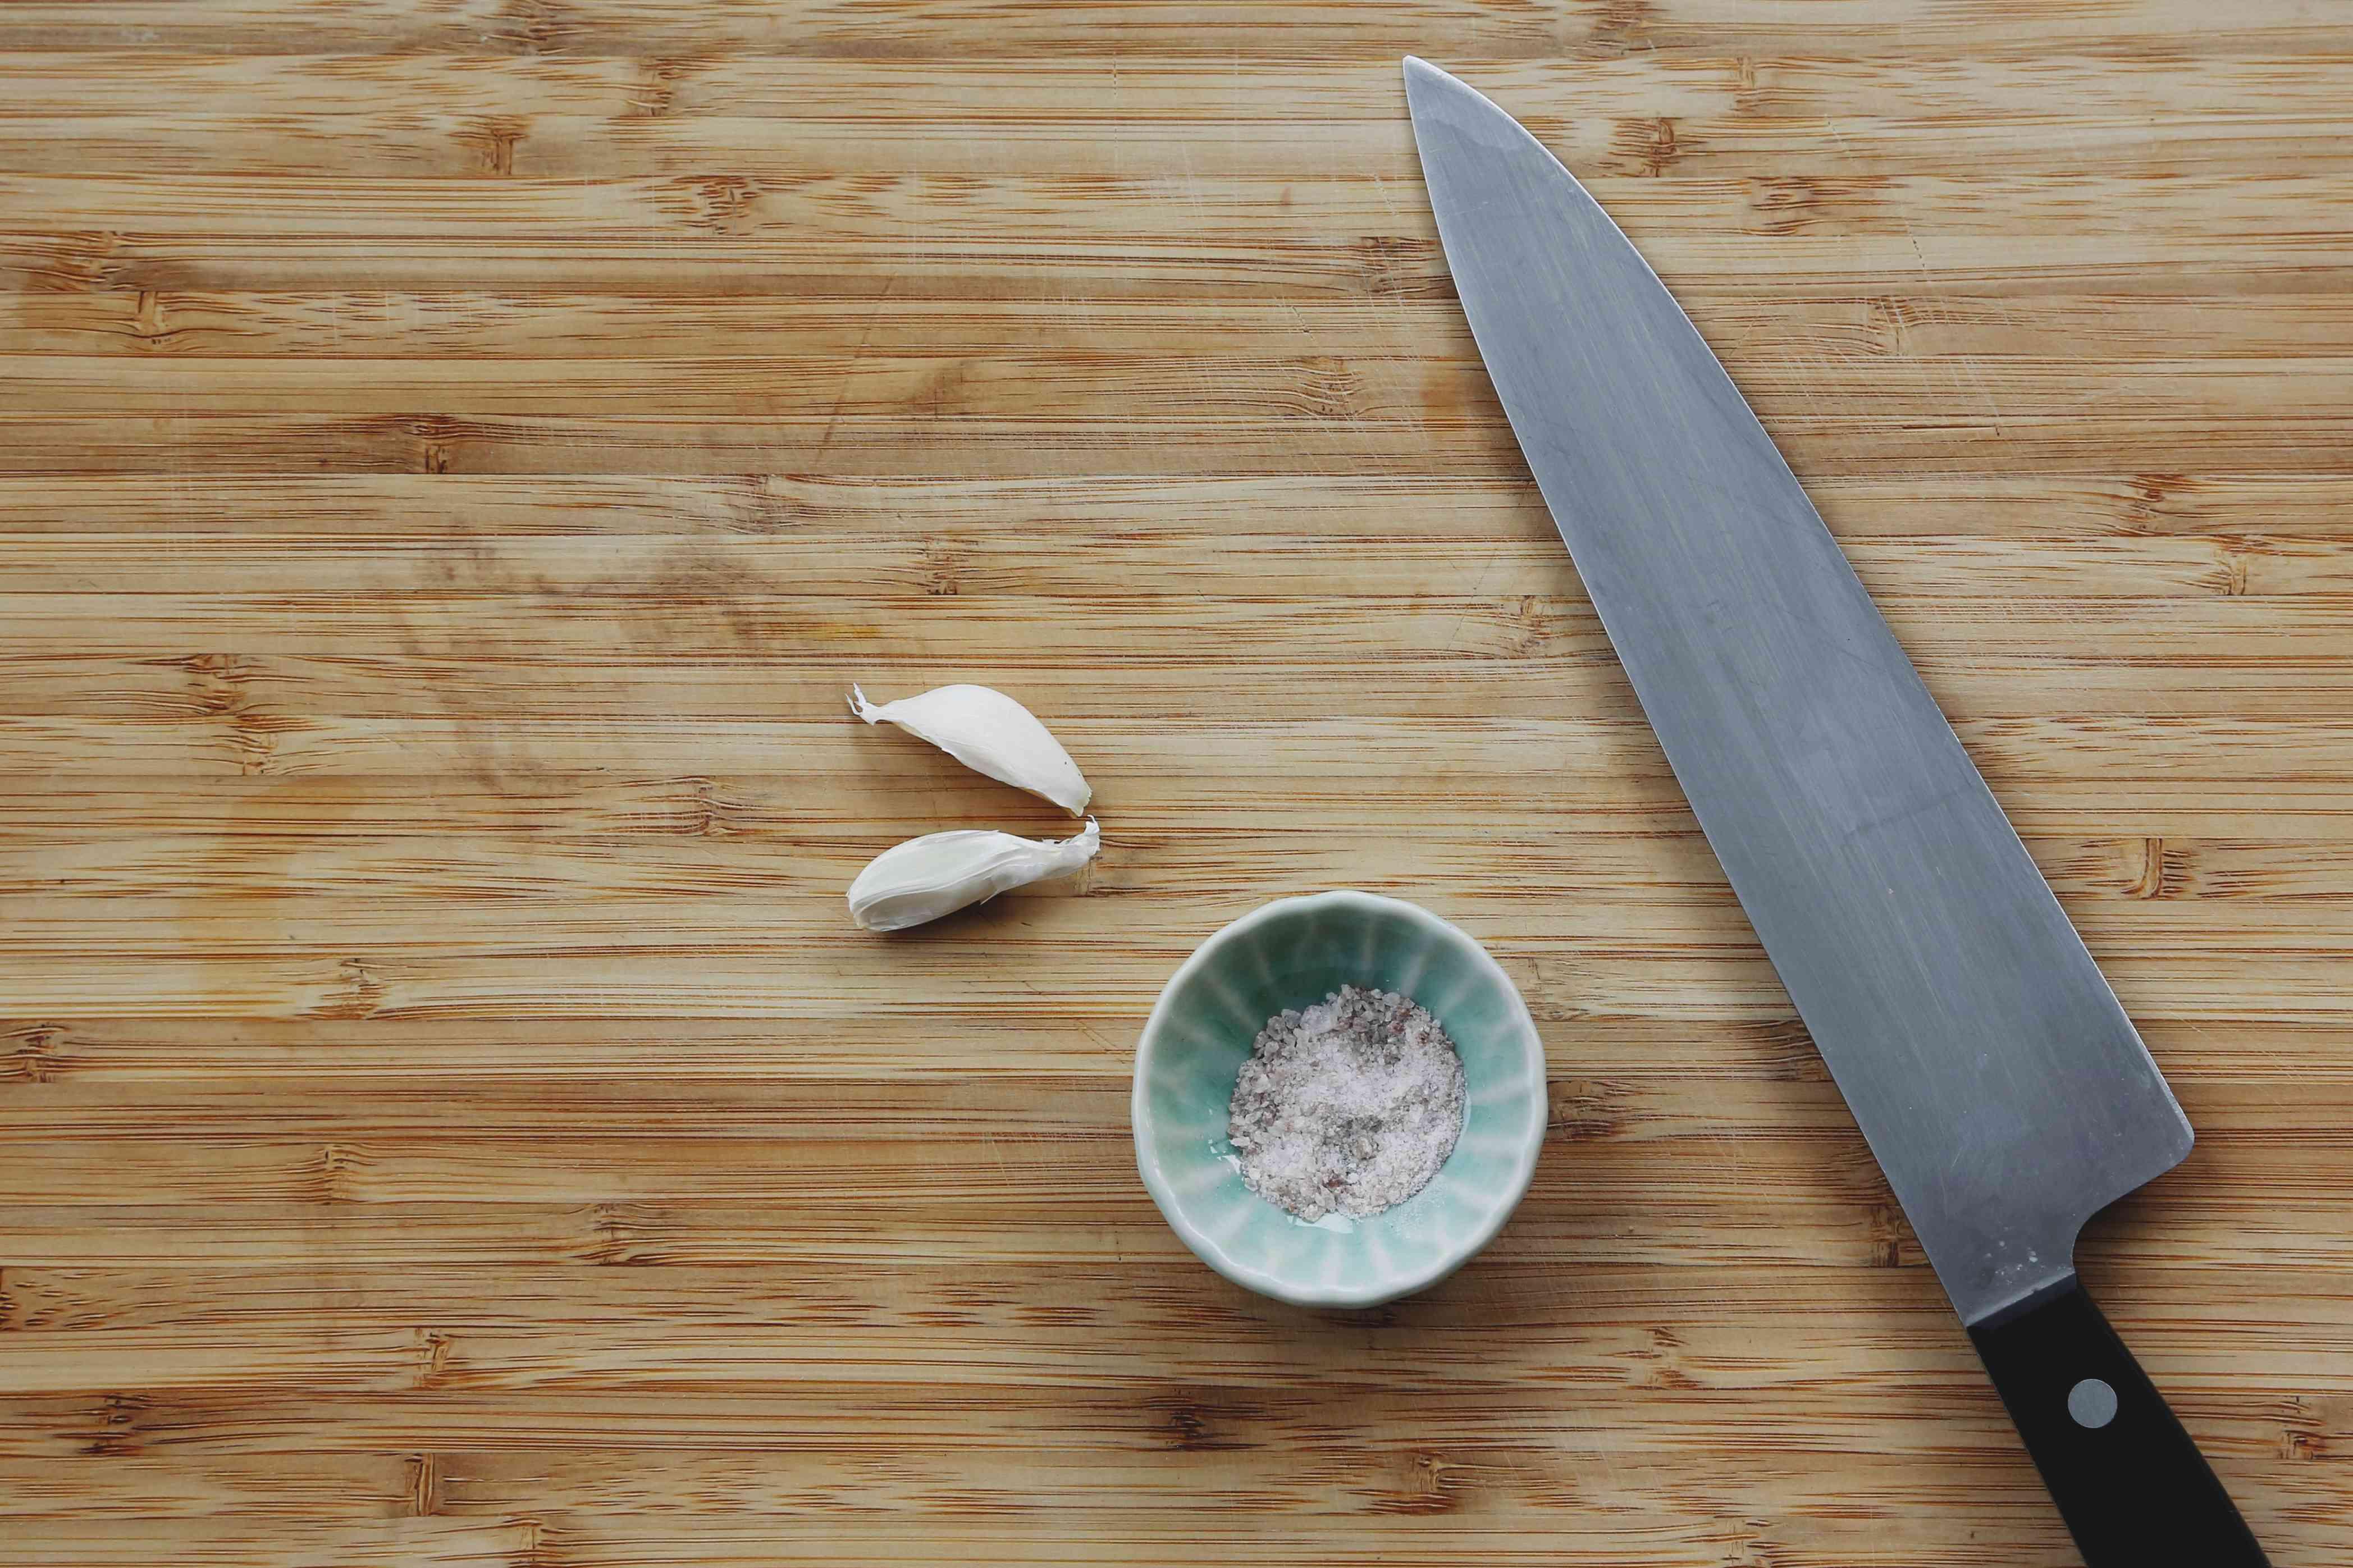 garlic on a cutting board, salt in a small bowl